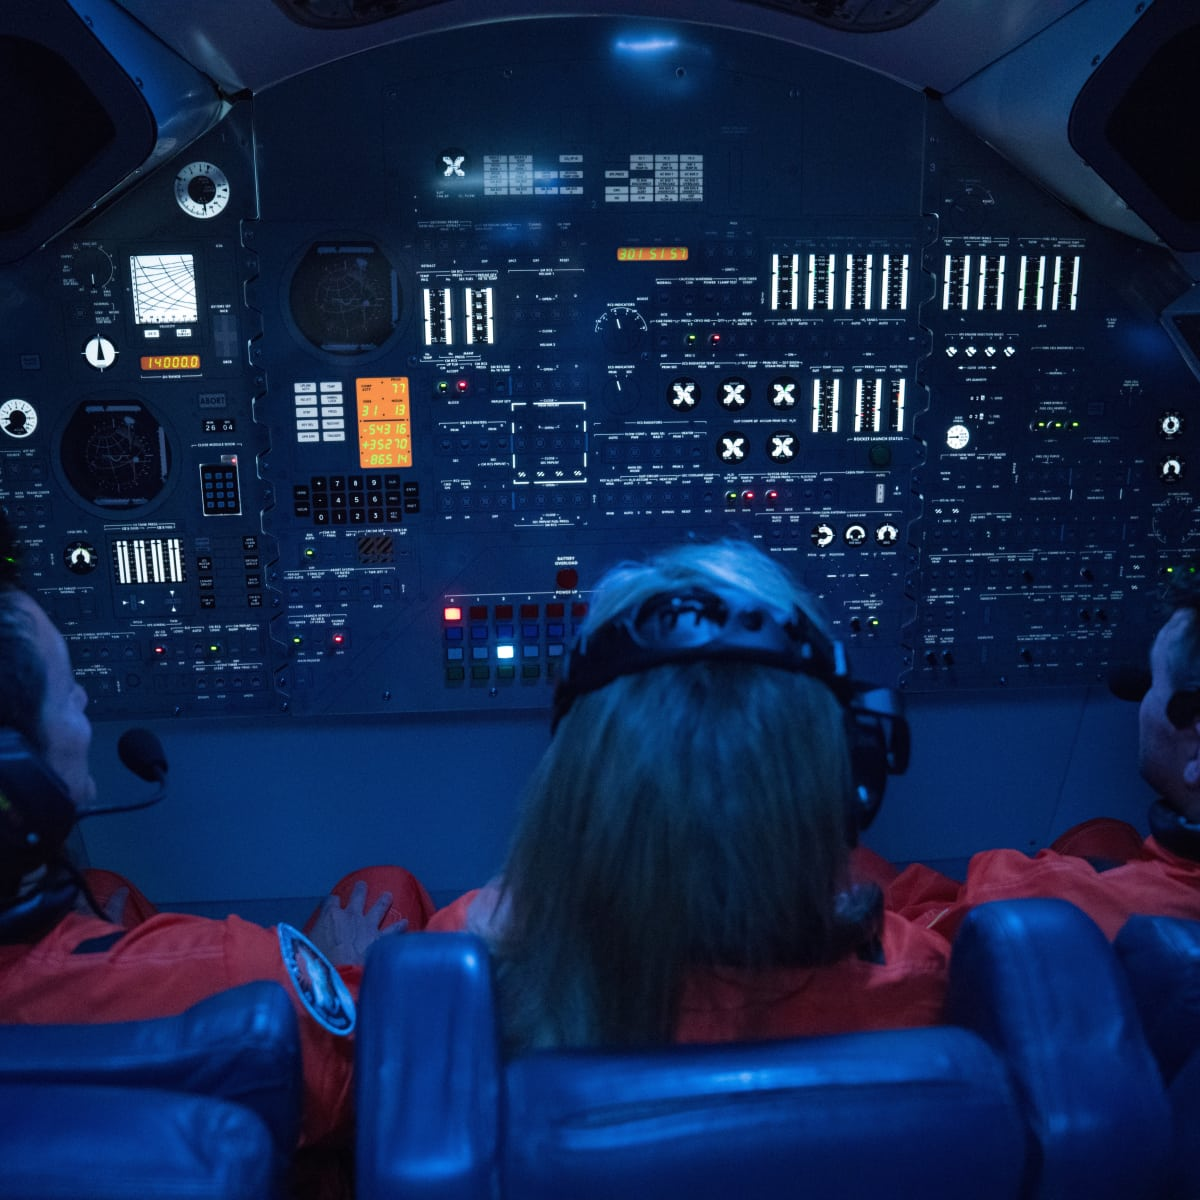 Houston, Escape Hunt Apollo 13 astronauts, July 2017